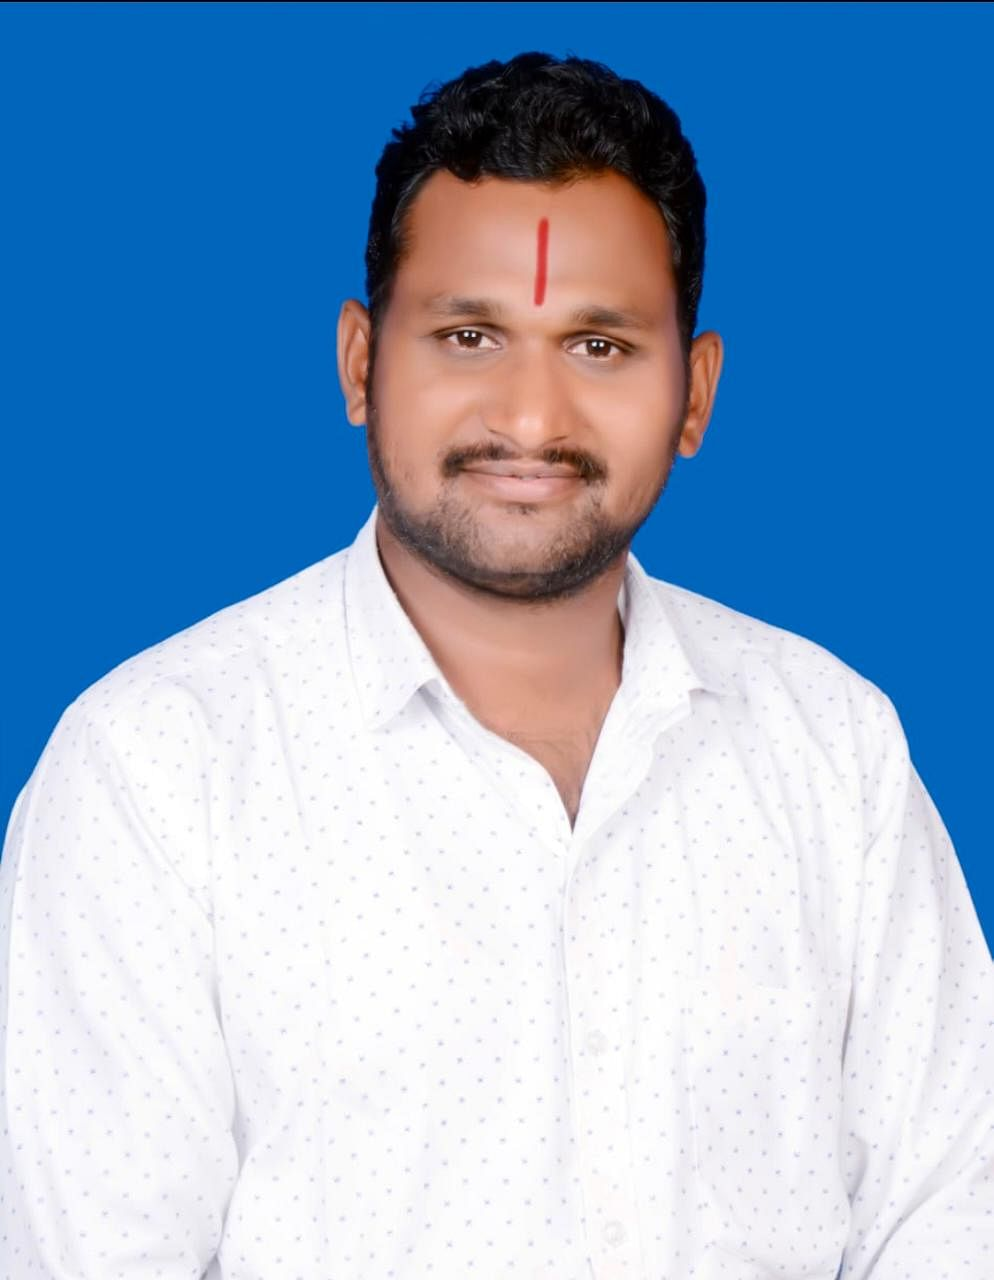 bjp-should-stop-spreading-rumors-like-reservation-in-corona-tika-ritesh-patel